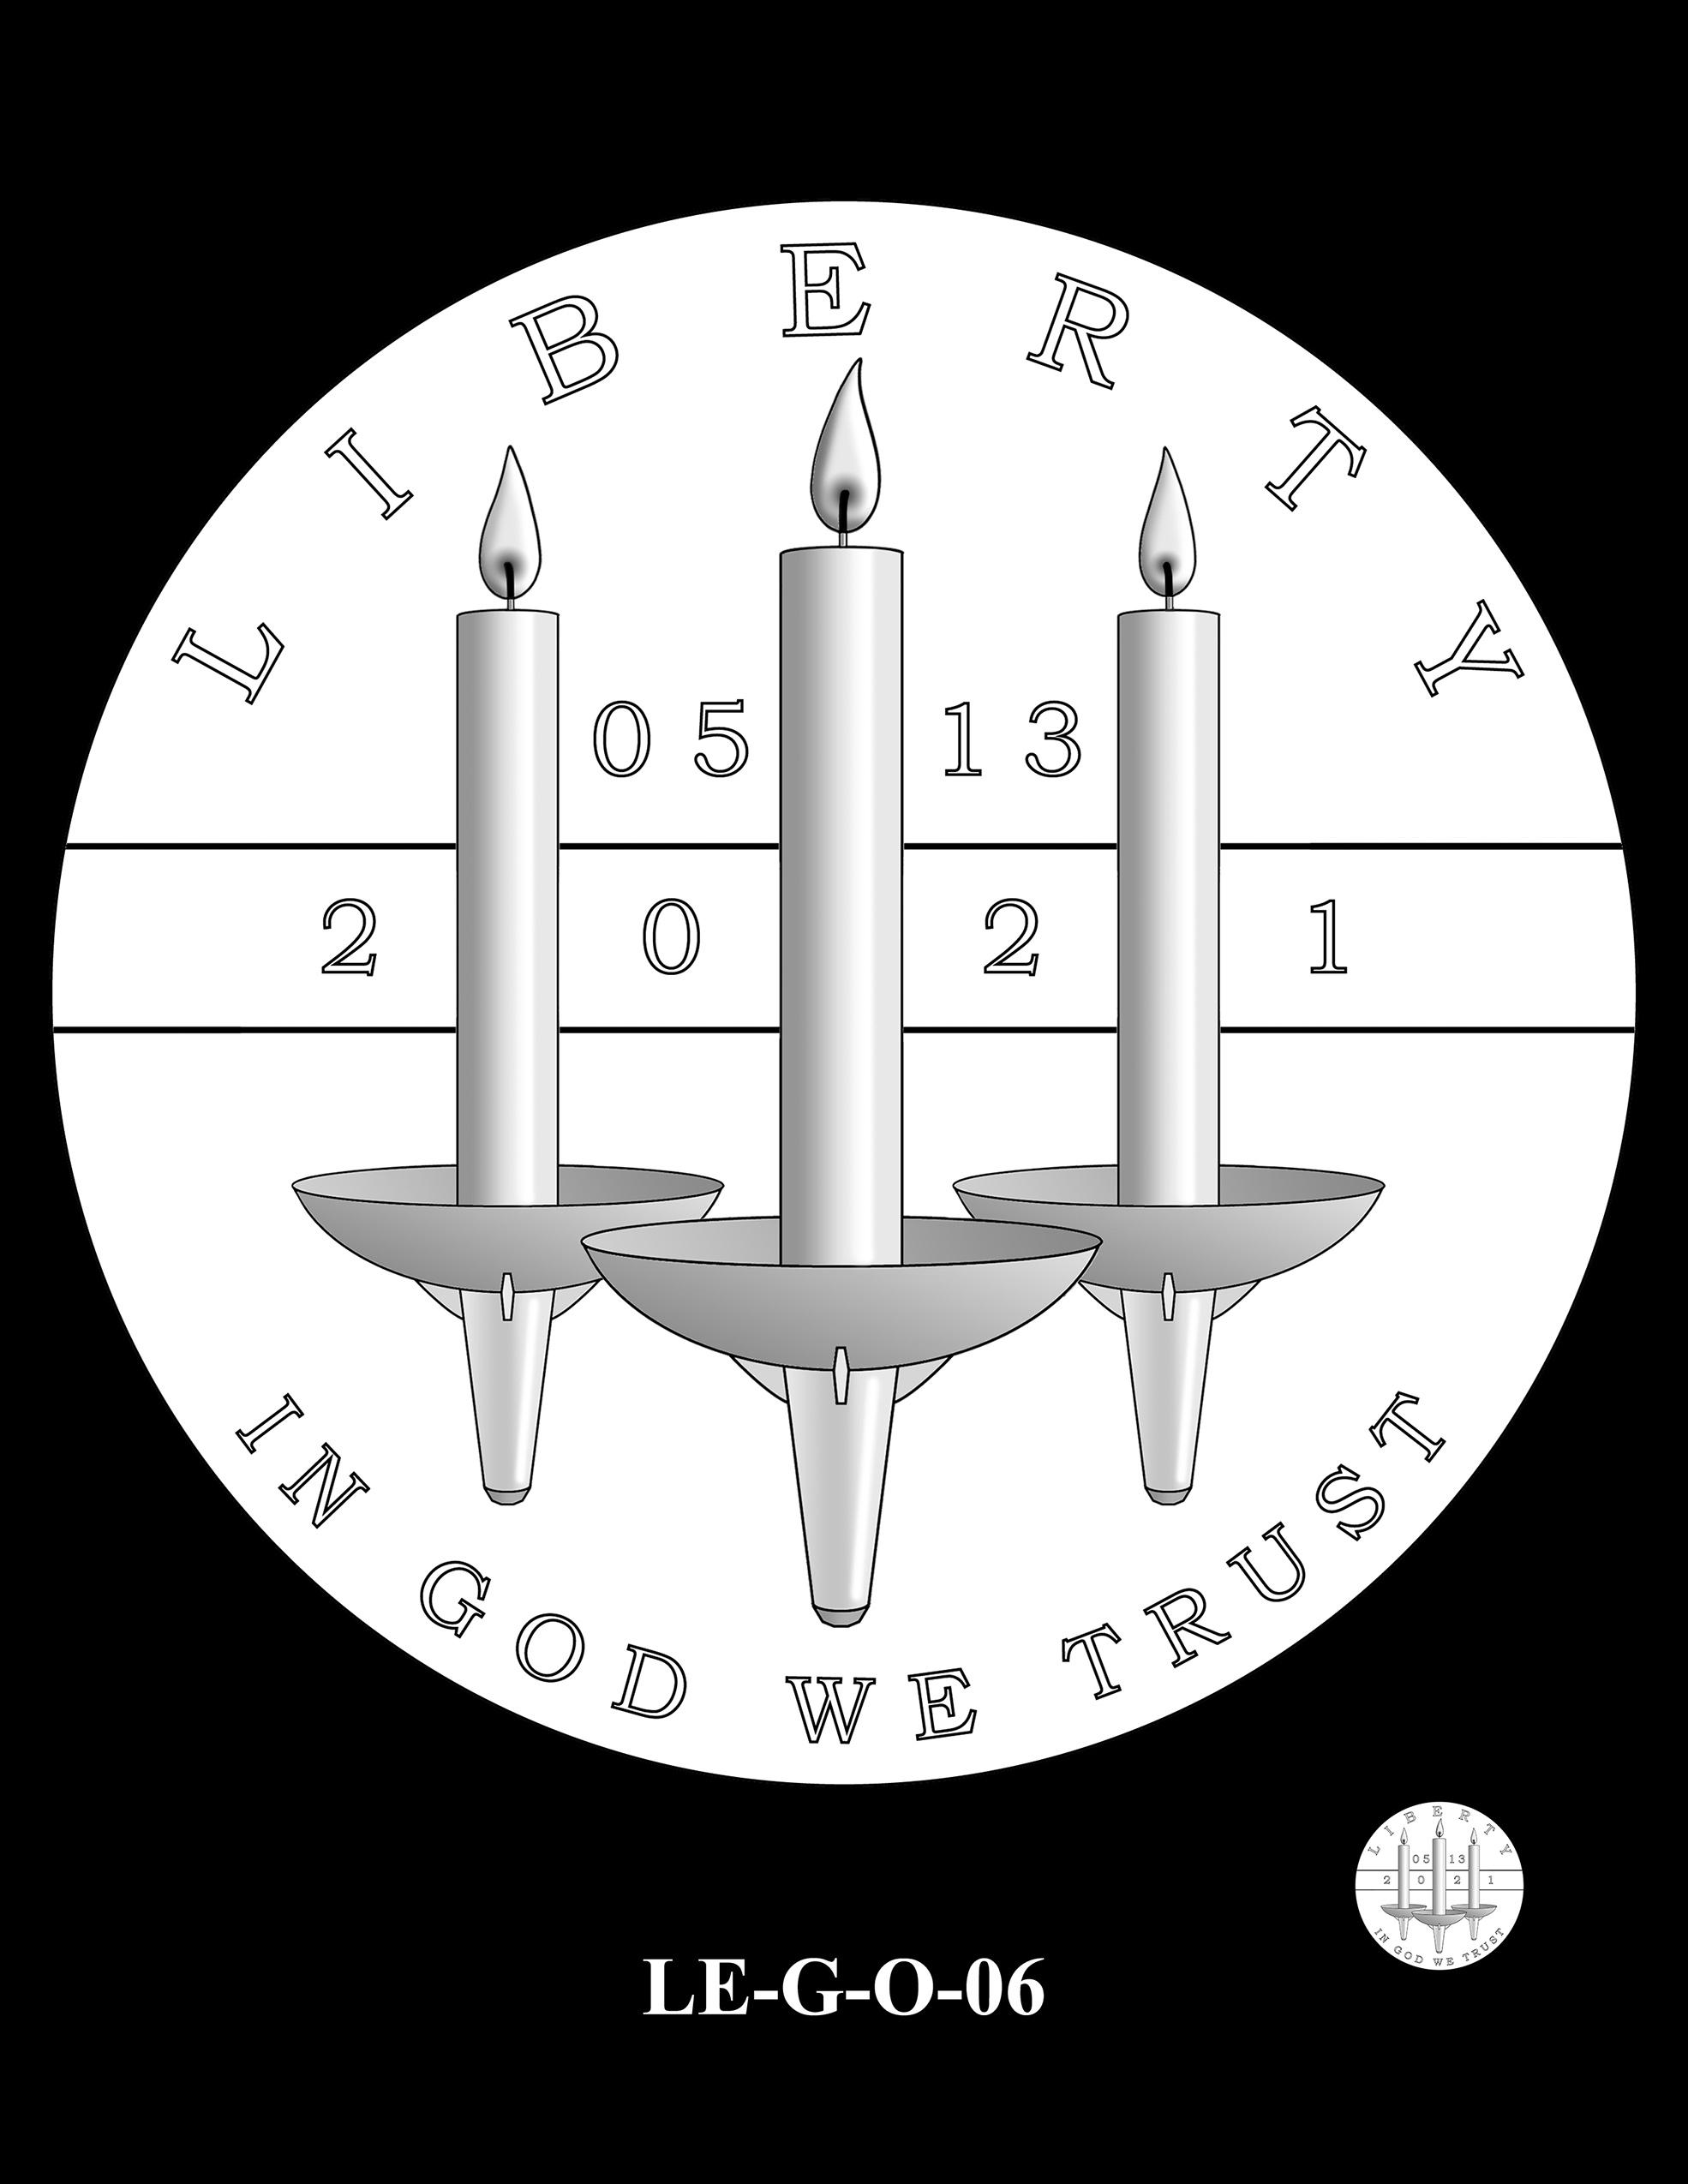 LE-G-O-06 -- National Law Enforcement Museum Commemorative Coin Program